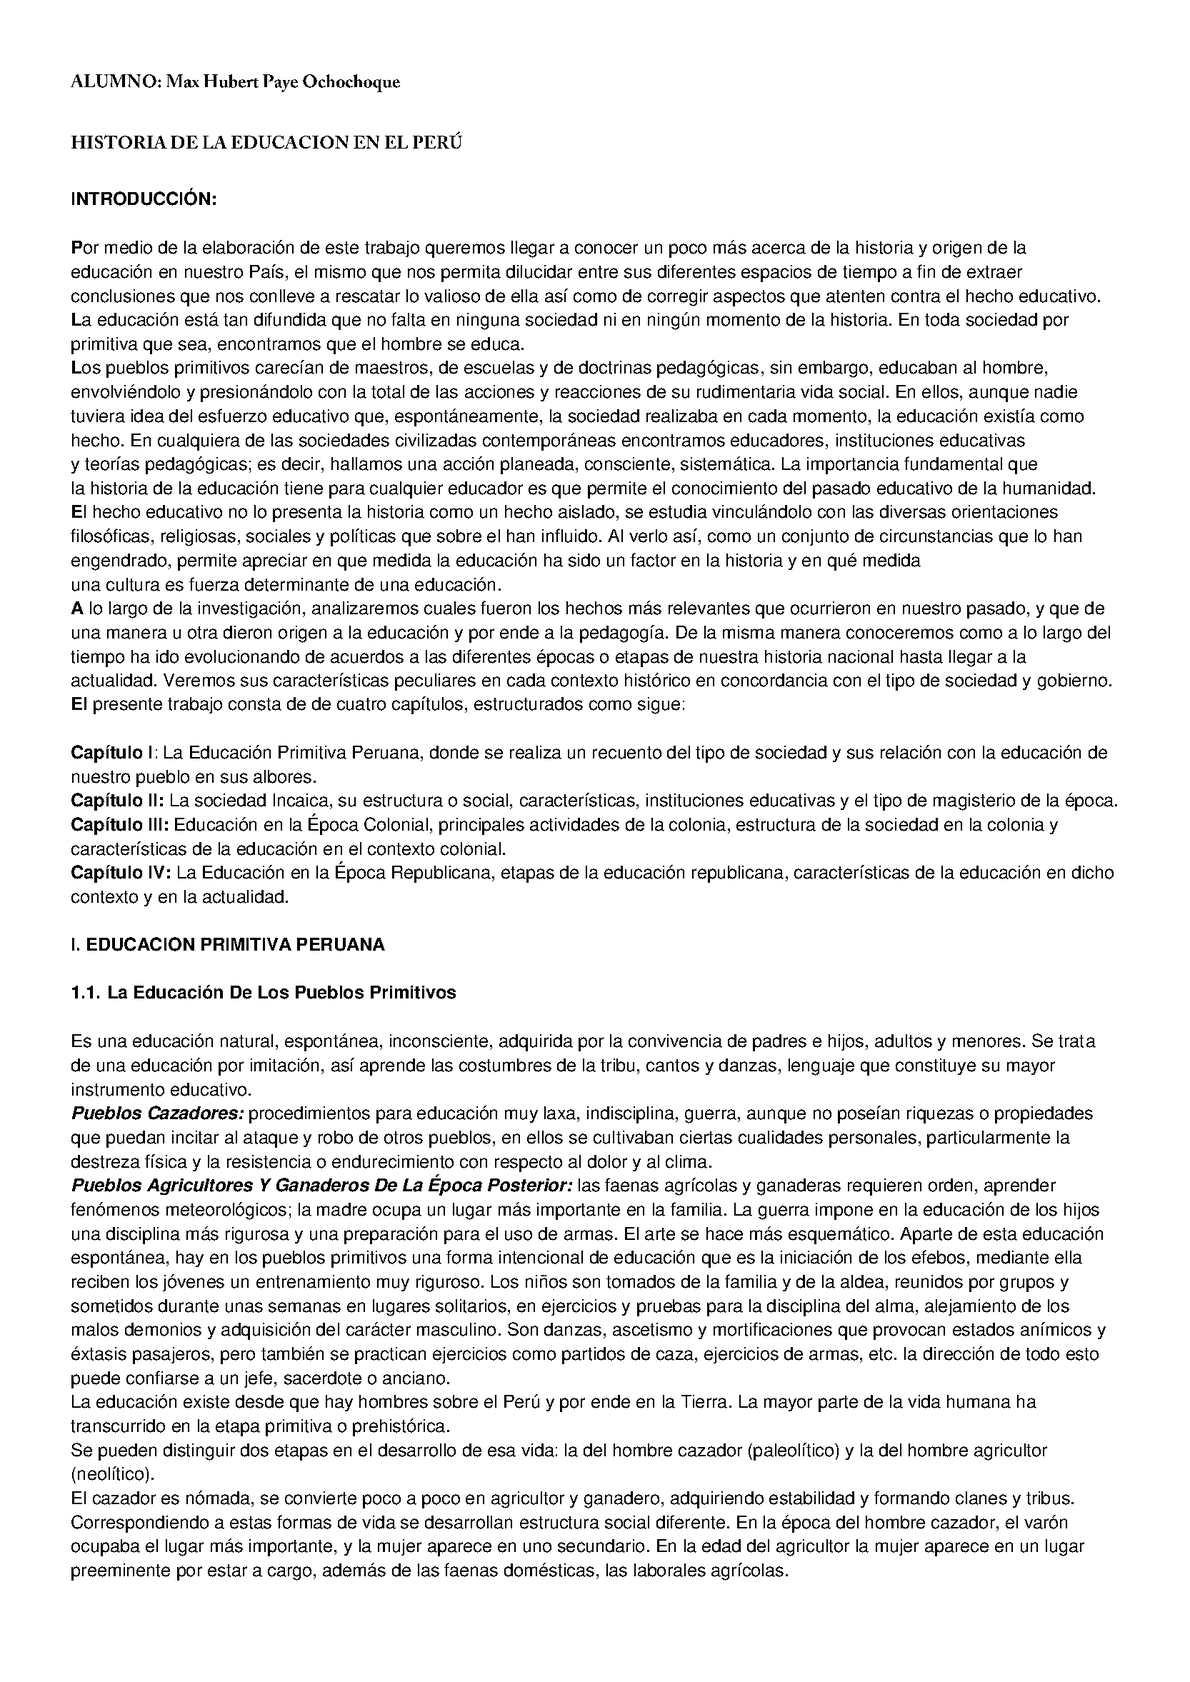 Historia de la educación del Perú